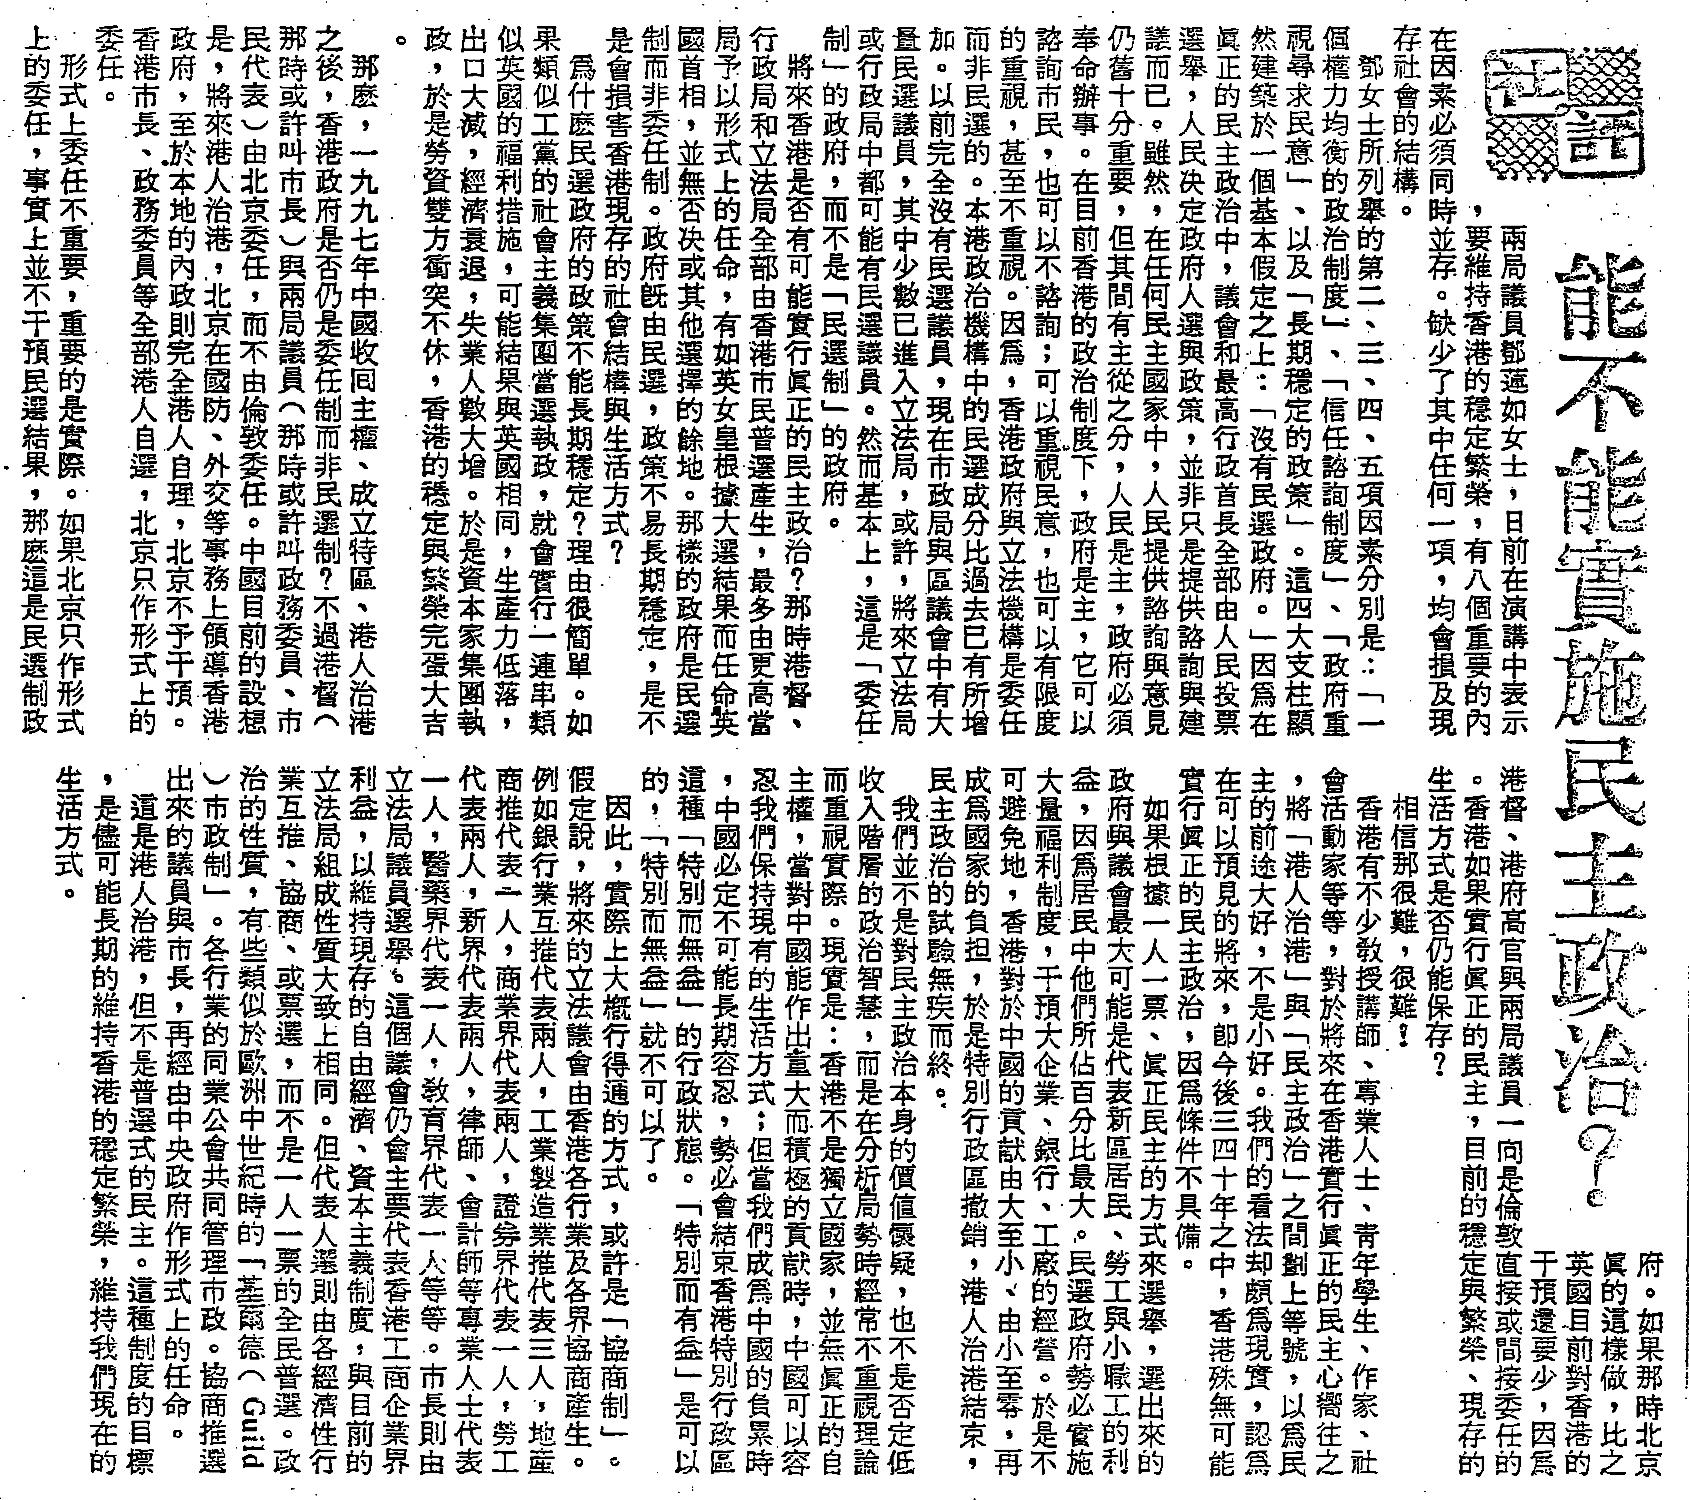 1984年1月9日明報社評